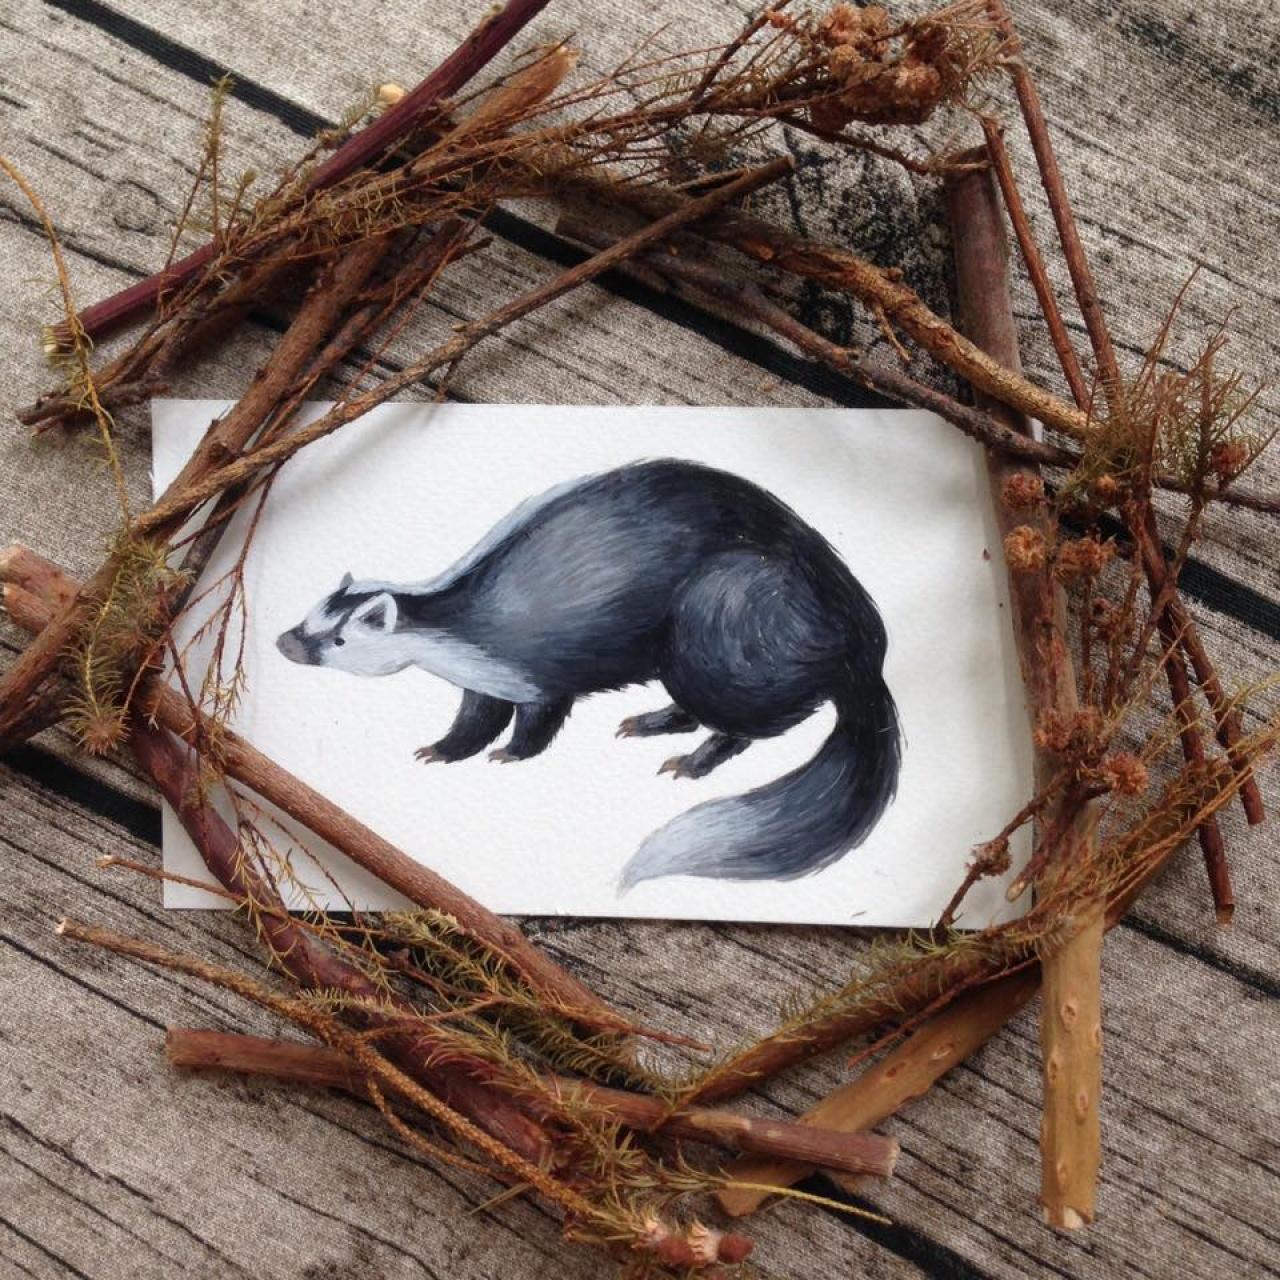 「香港也有很多野生動物,我把本地有的野生哺乳類也畫了一遍。」(受訪者提供)